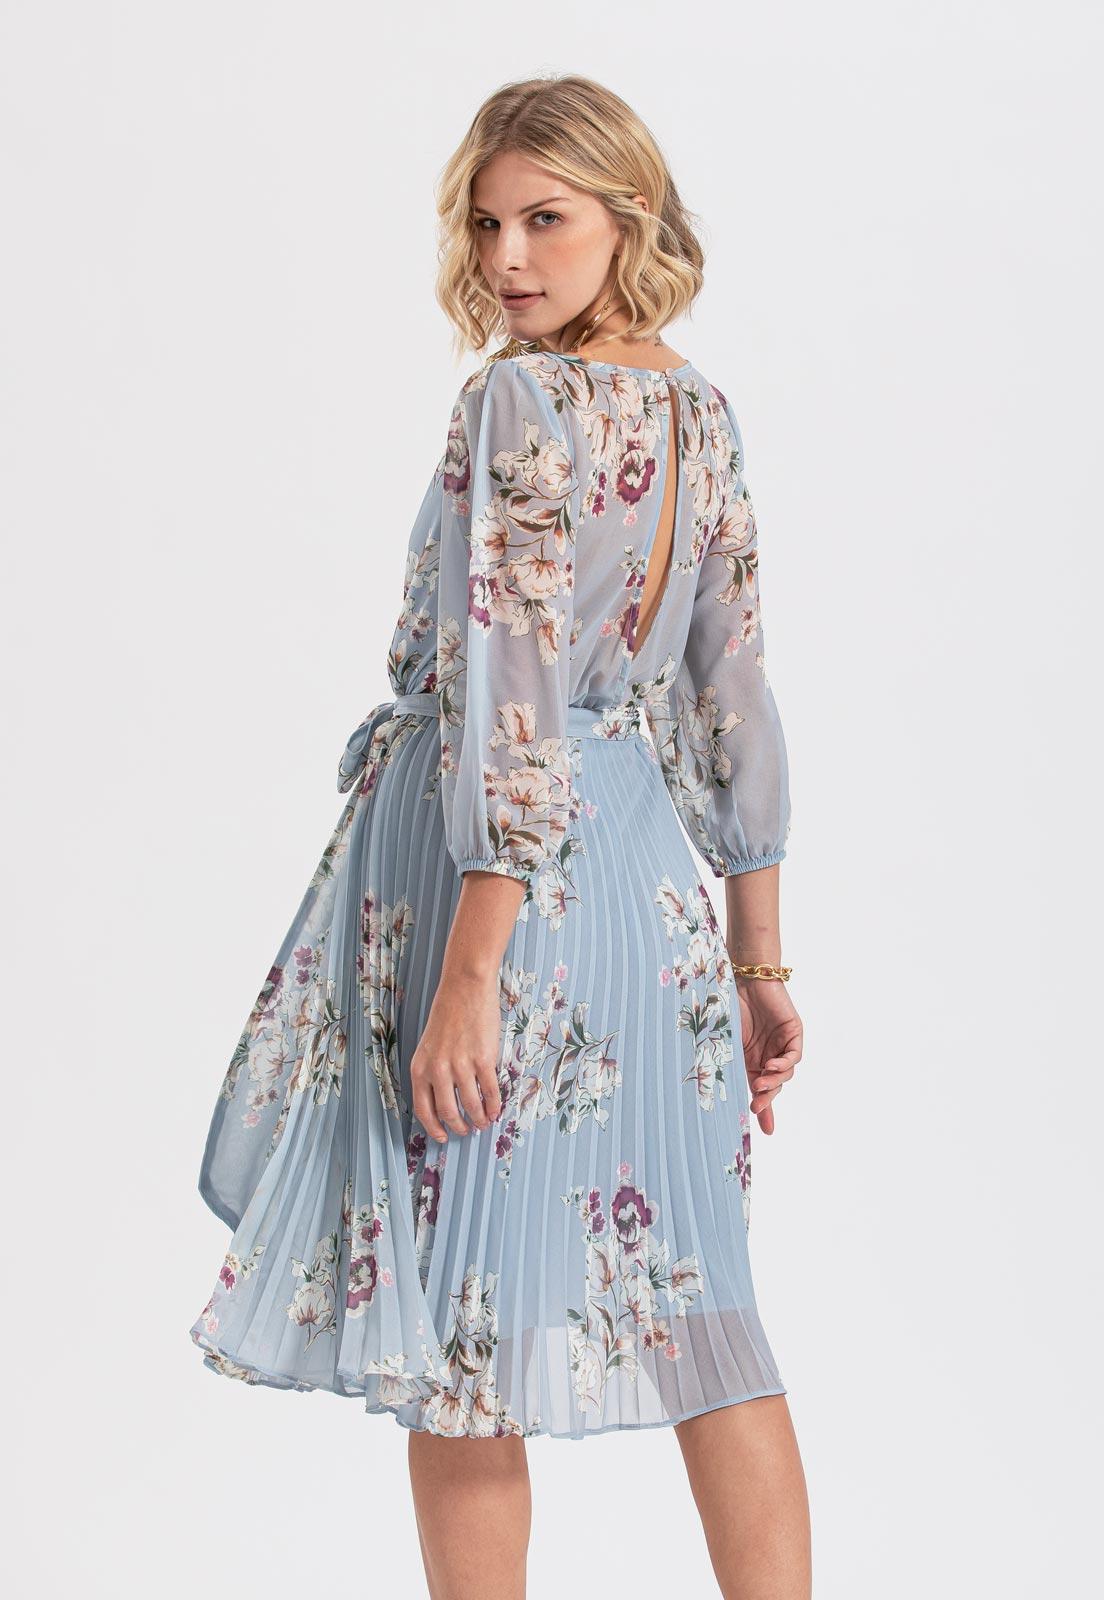 vestido floral azul serenity plissado